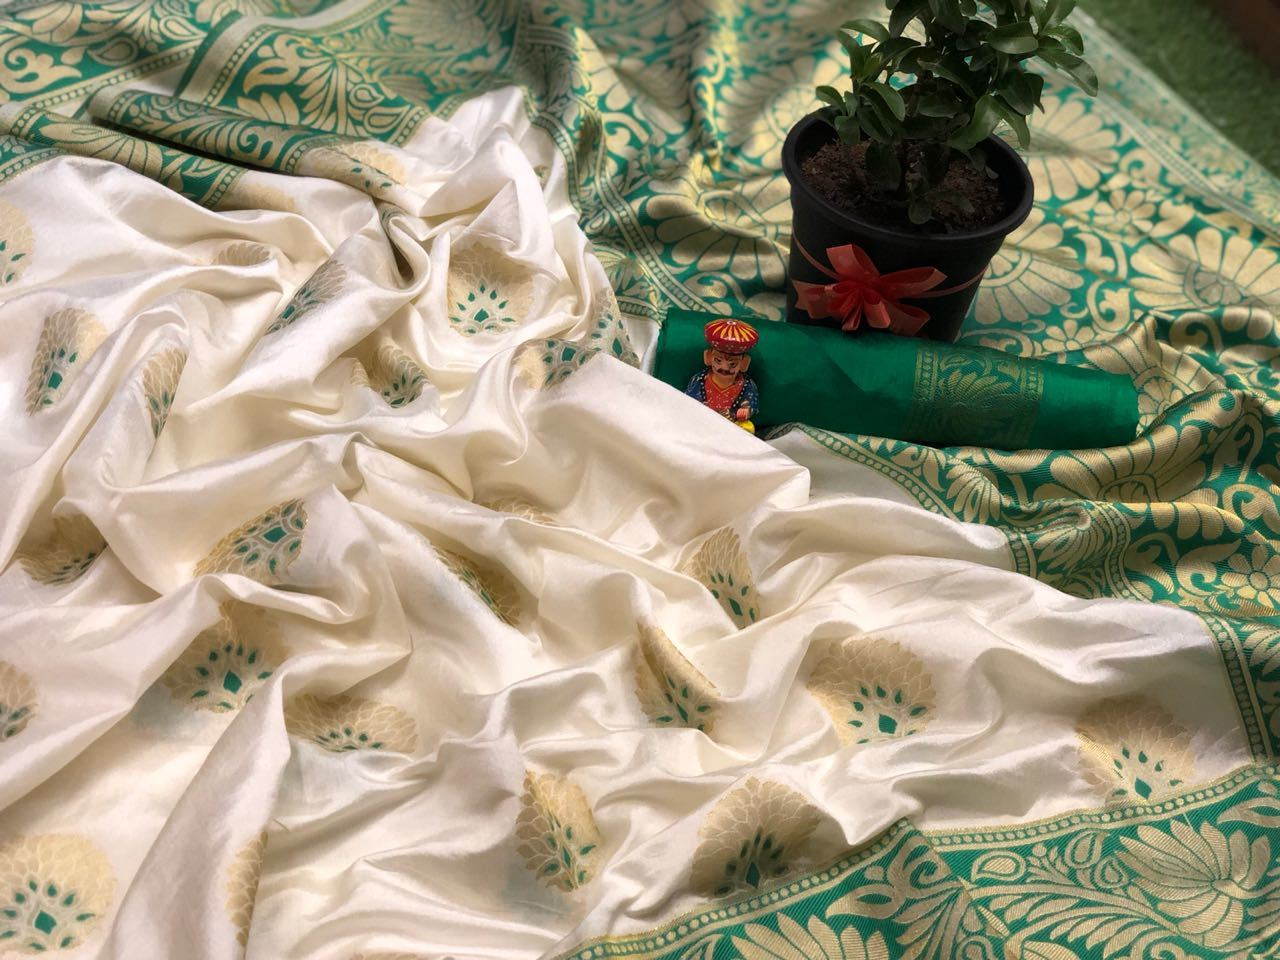 Soft Banglori silk sarees